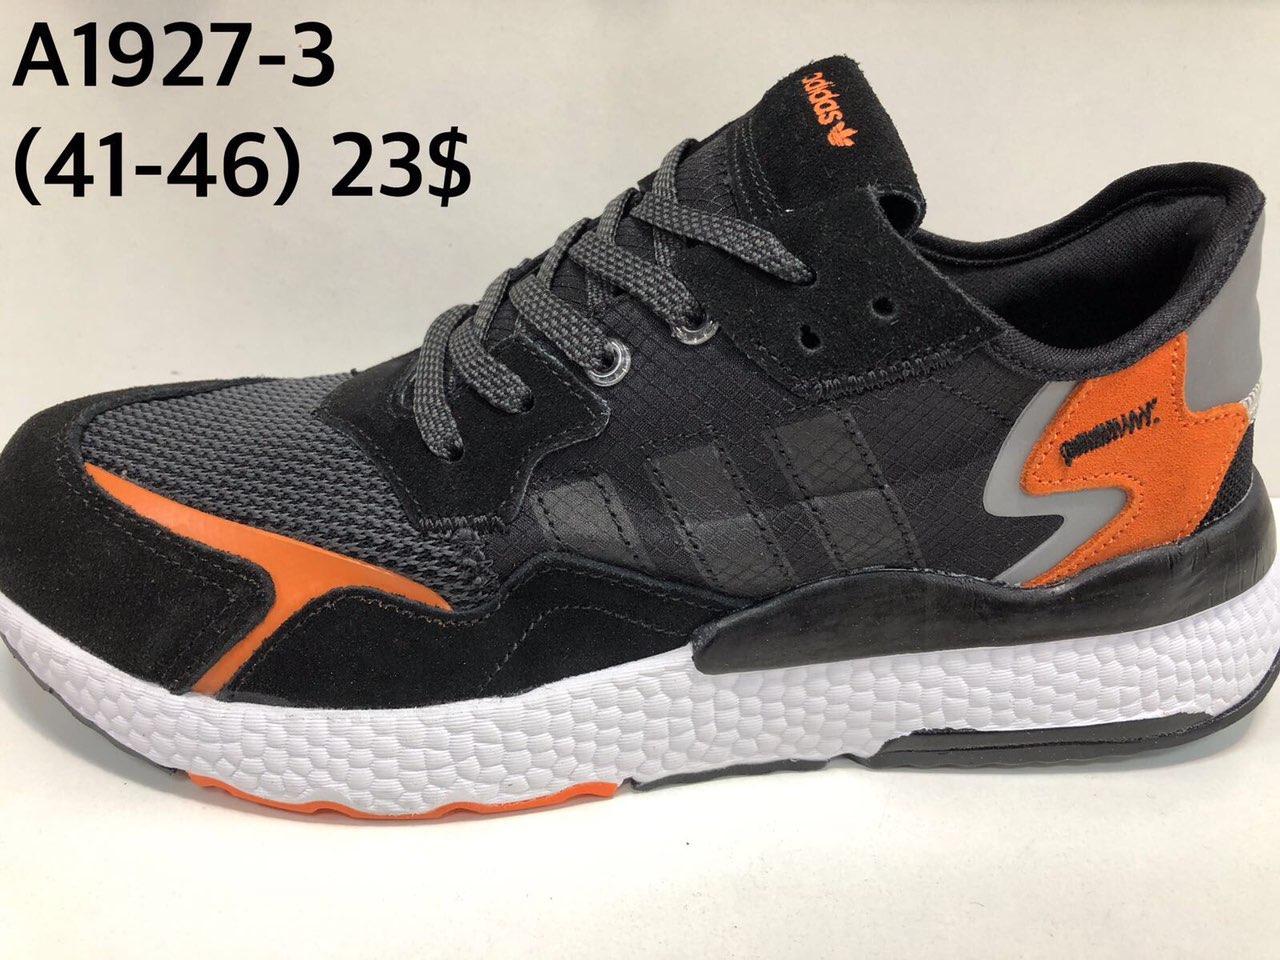 Мужские кроссовки Adidas Jogger оптом (41-46)